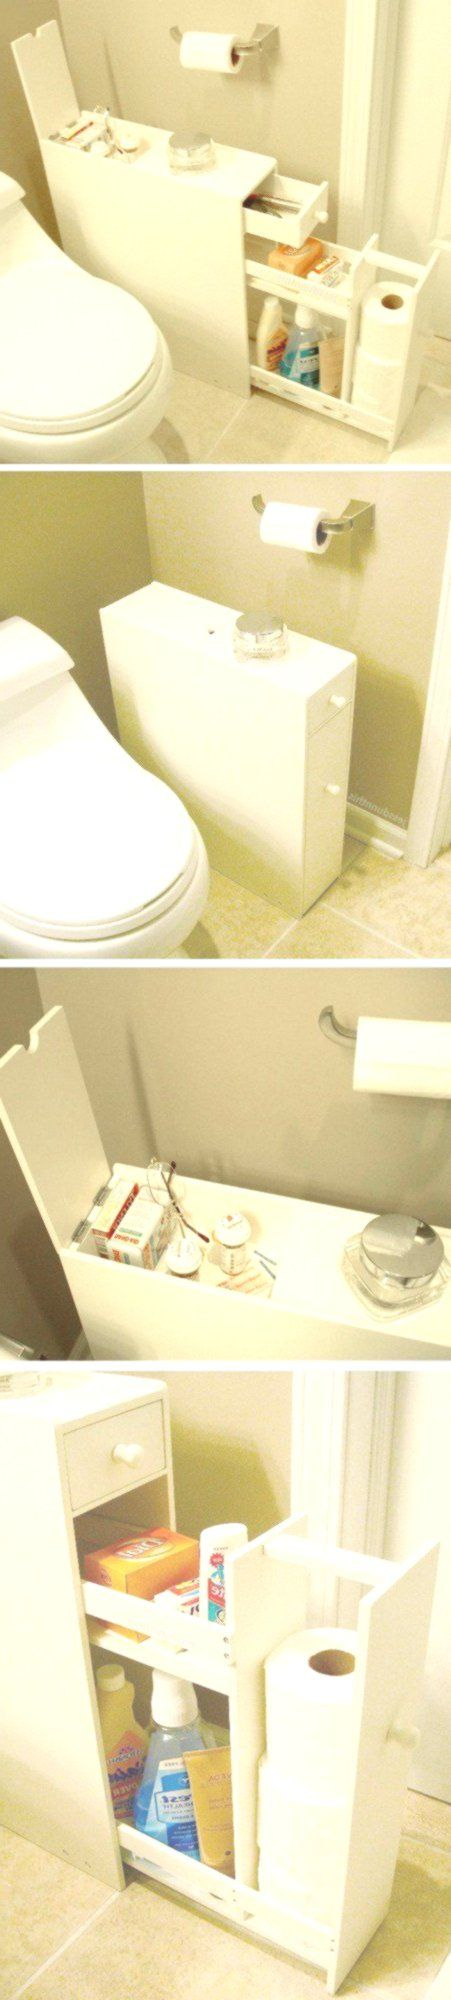 25 faszinierende DIY-Ideen, um Dinge im Badezimmer zu organisieren #smallhouse